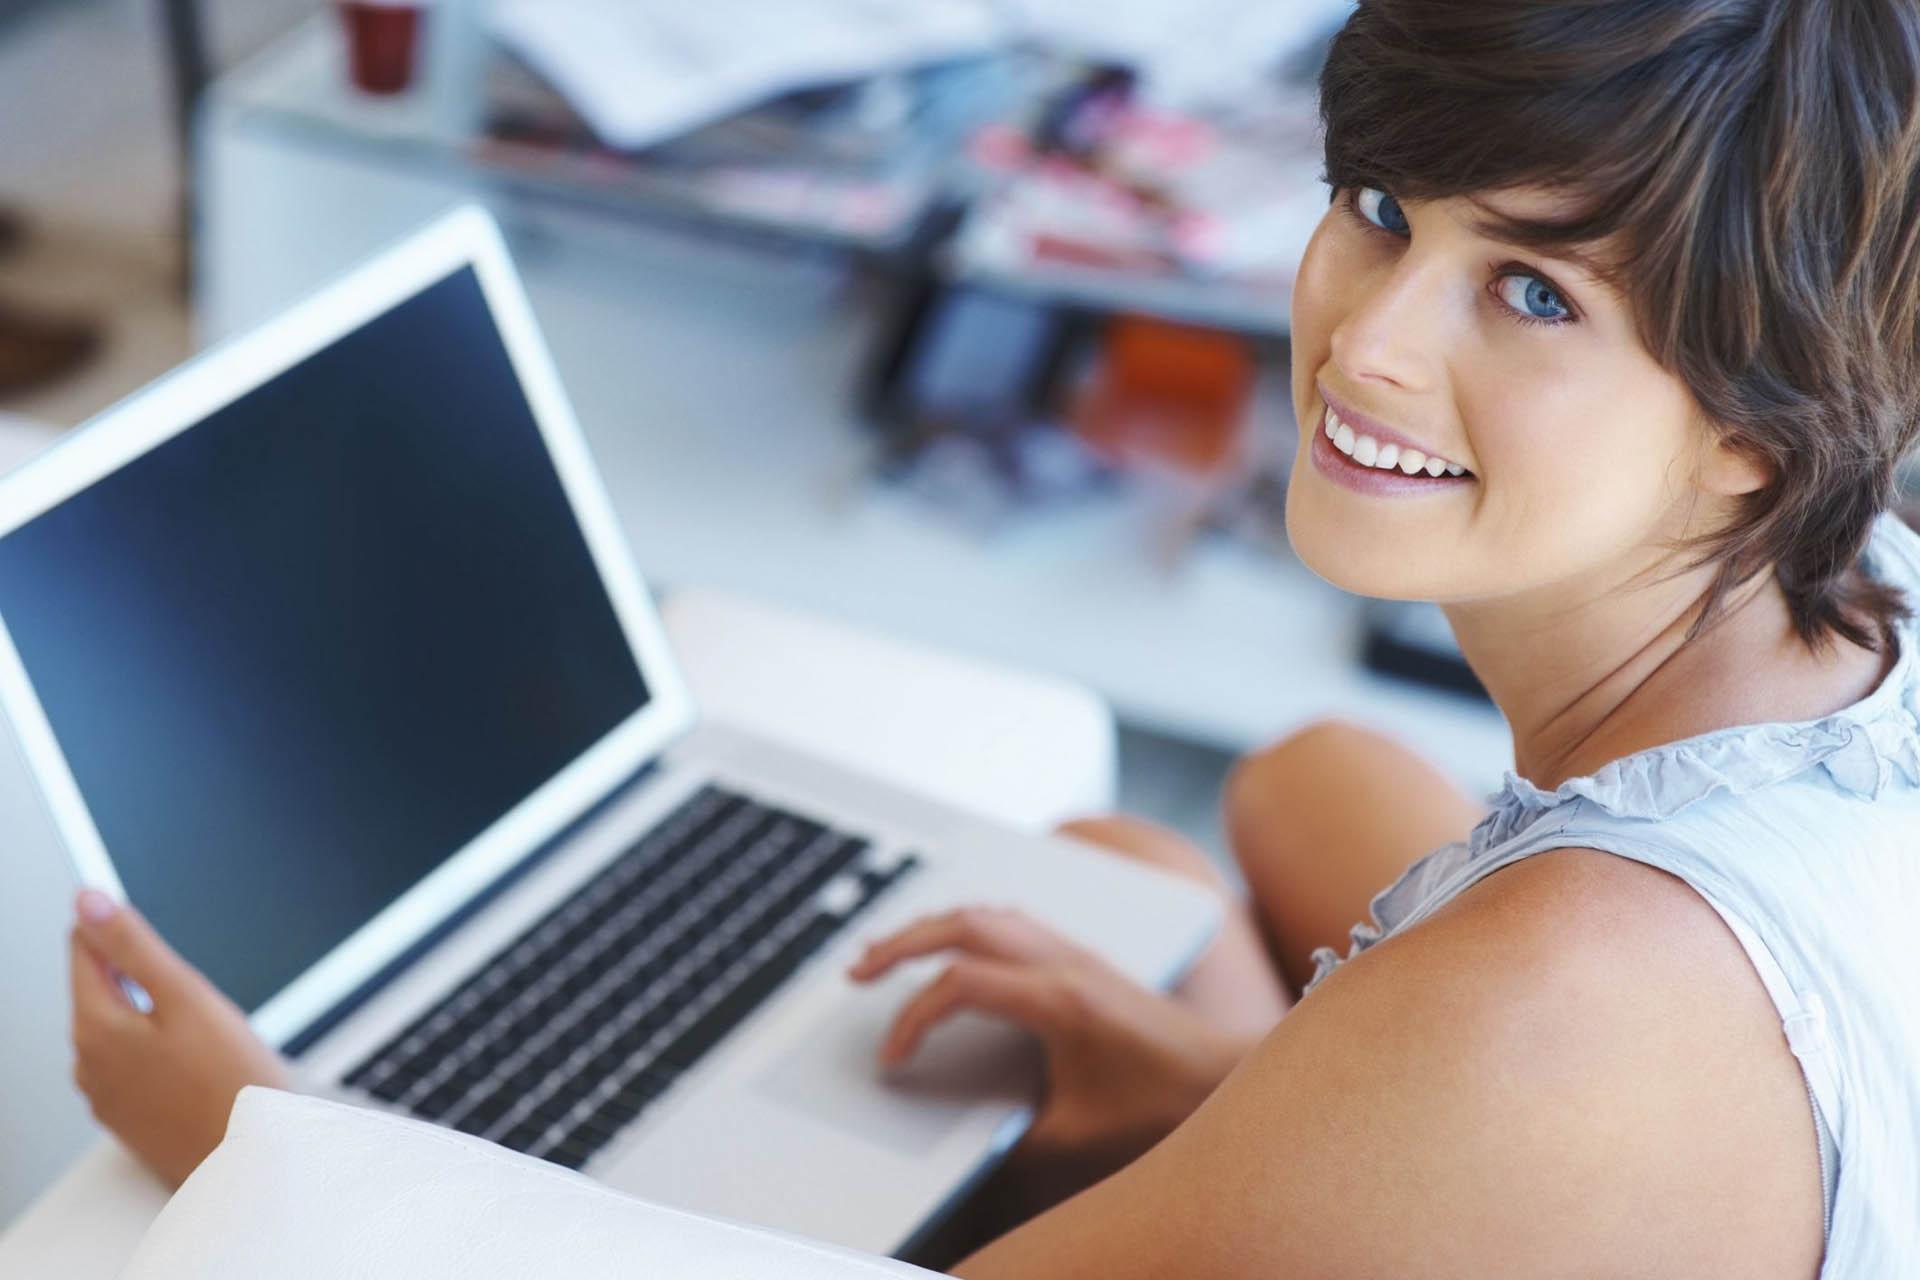 Бесплатный вебинар: О чём писать в соцсетях? 156 идей для бизнес-контента